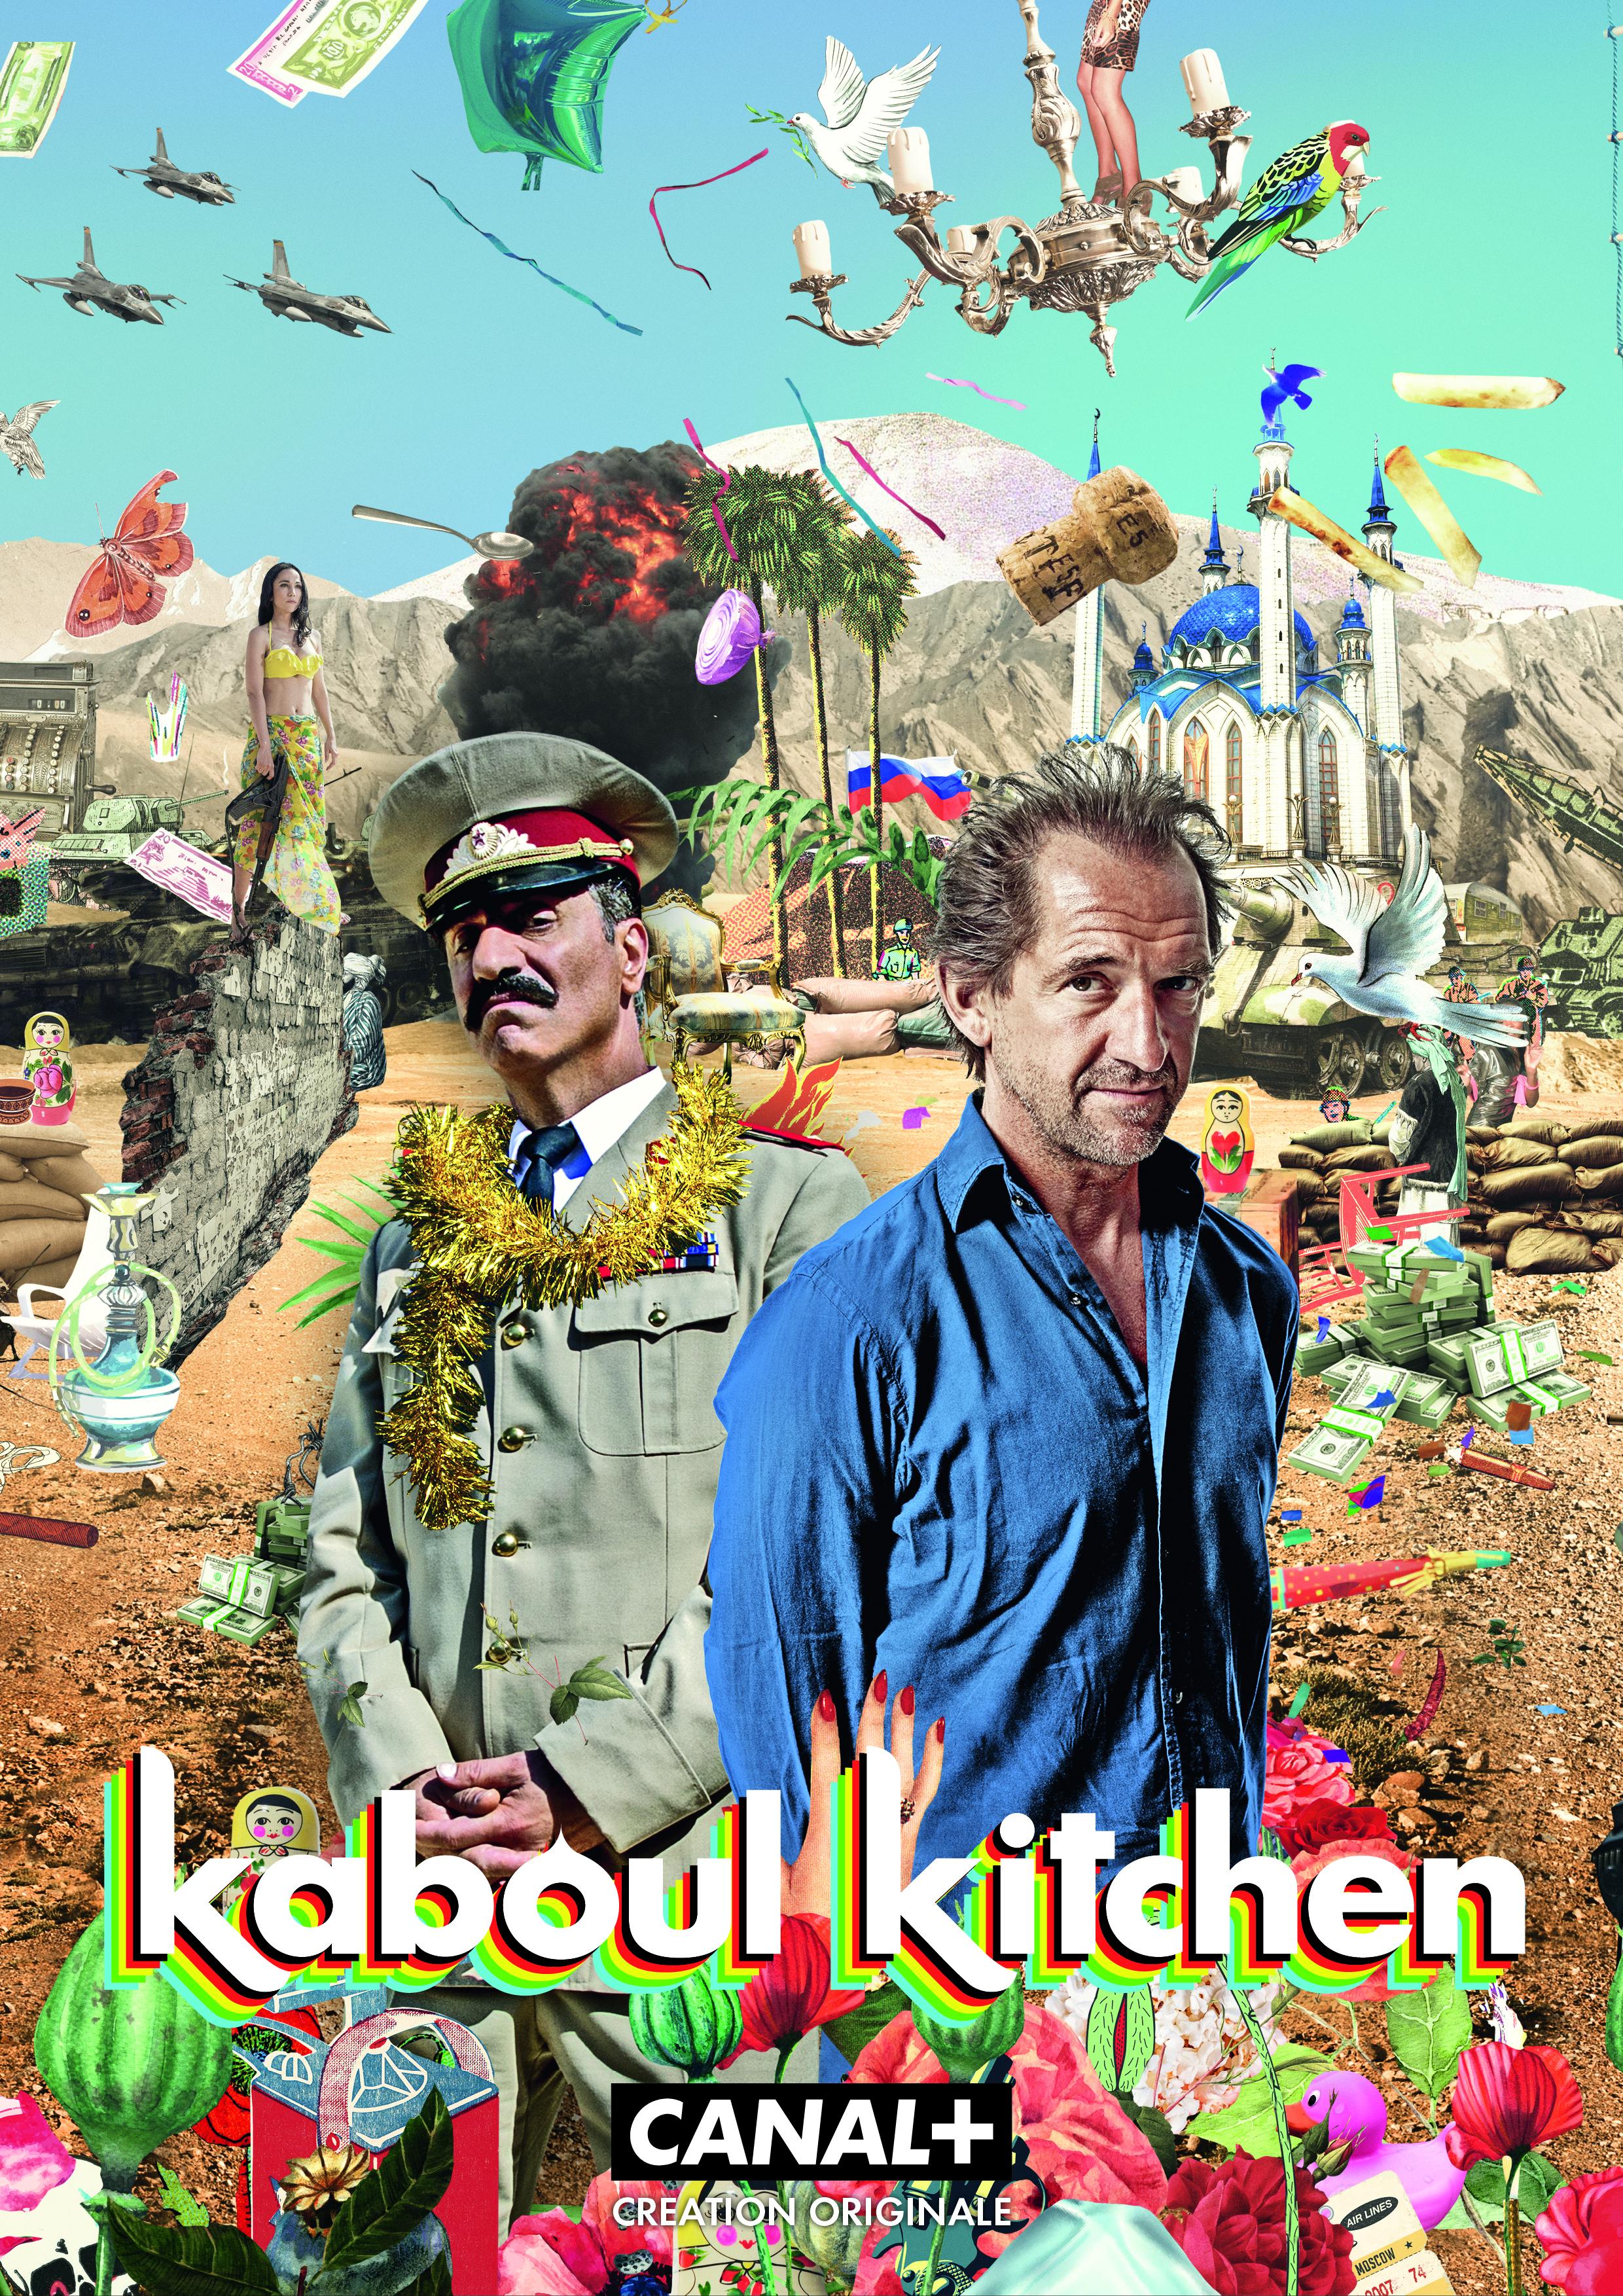 pourquoi gilbert melki quitte kaboul kitchen